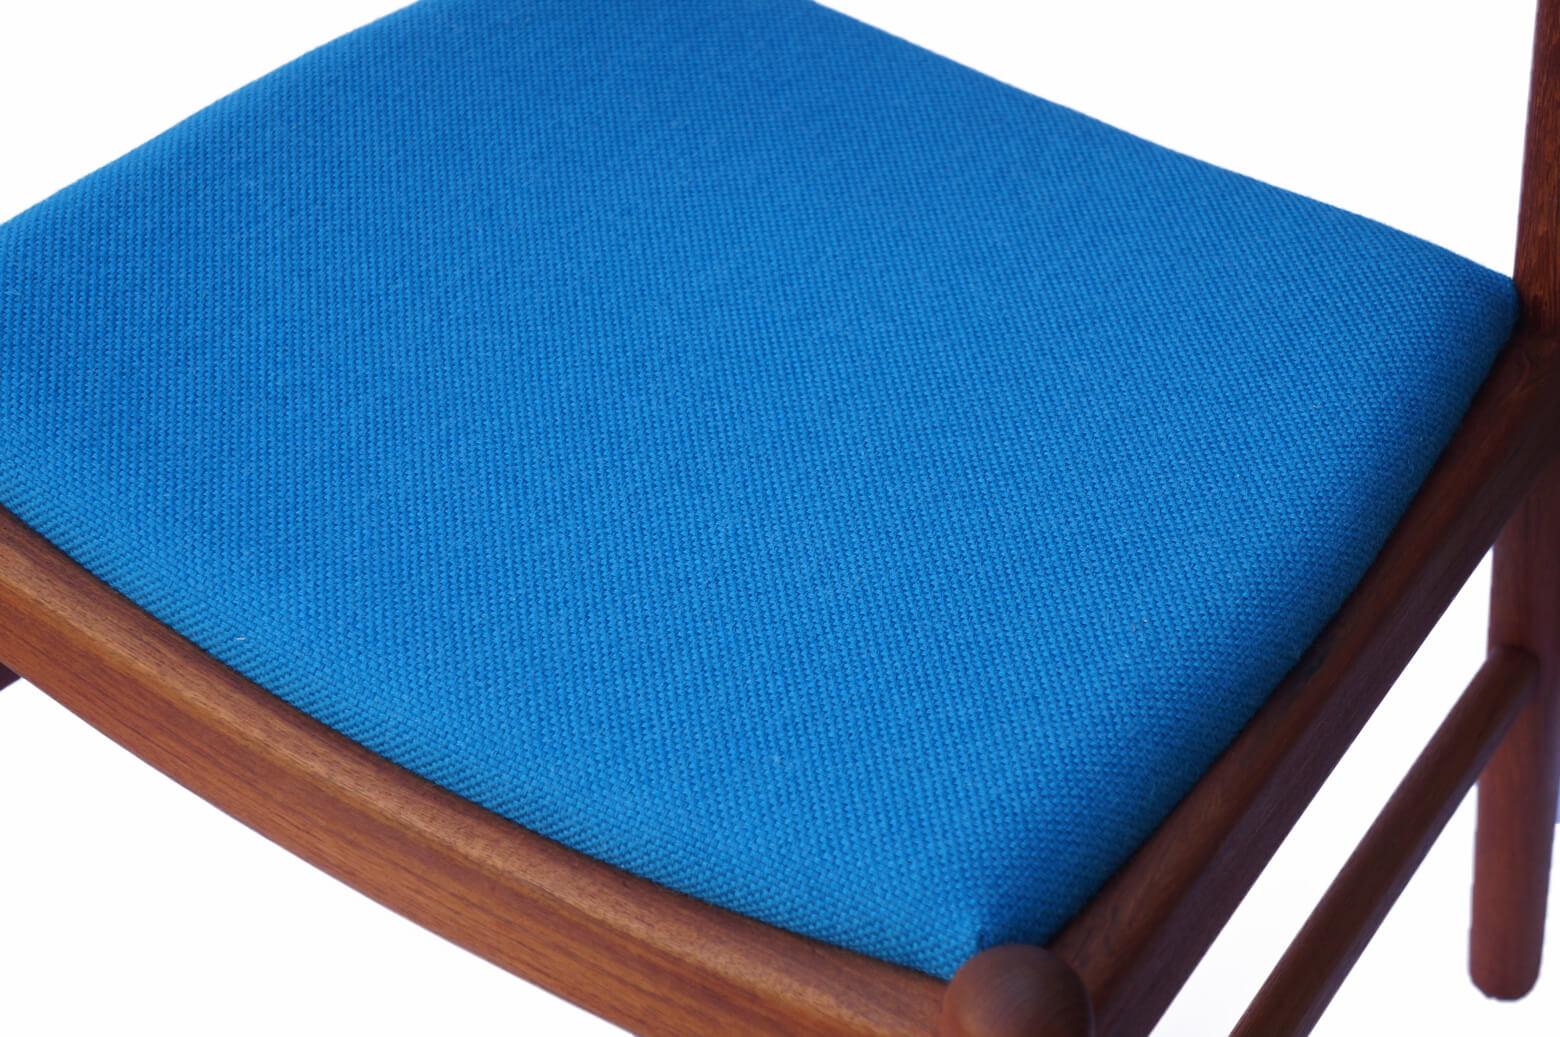 Aobayashi Seisakujo Dining Chair/青林製作所 ダイニングアームチェア チーク材 ジャパンヴィンテージ 北欧デザイン 3